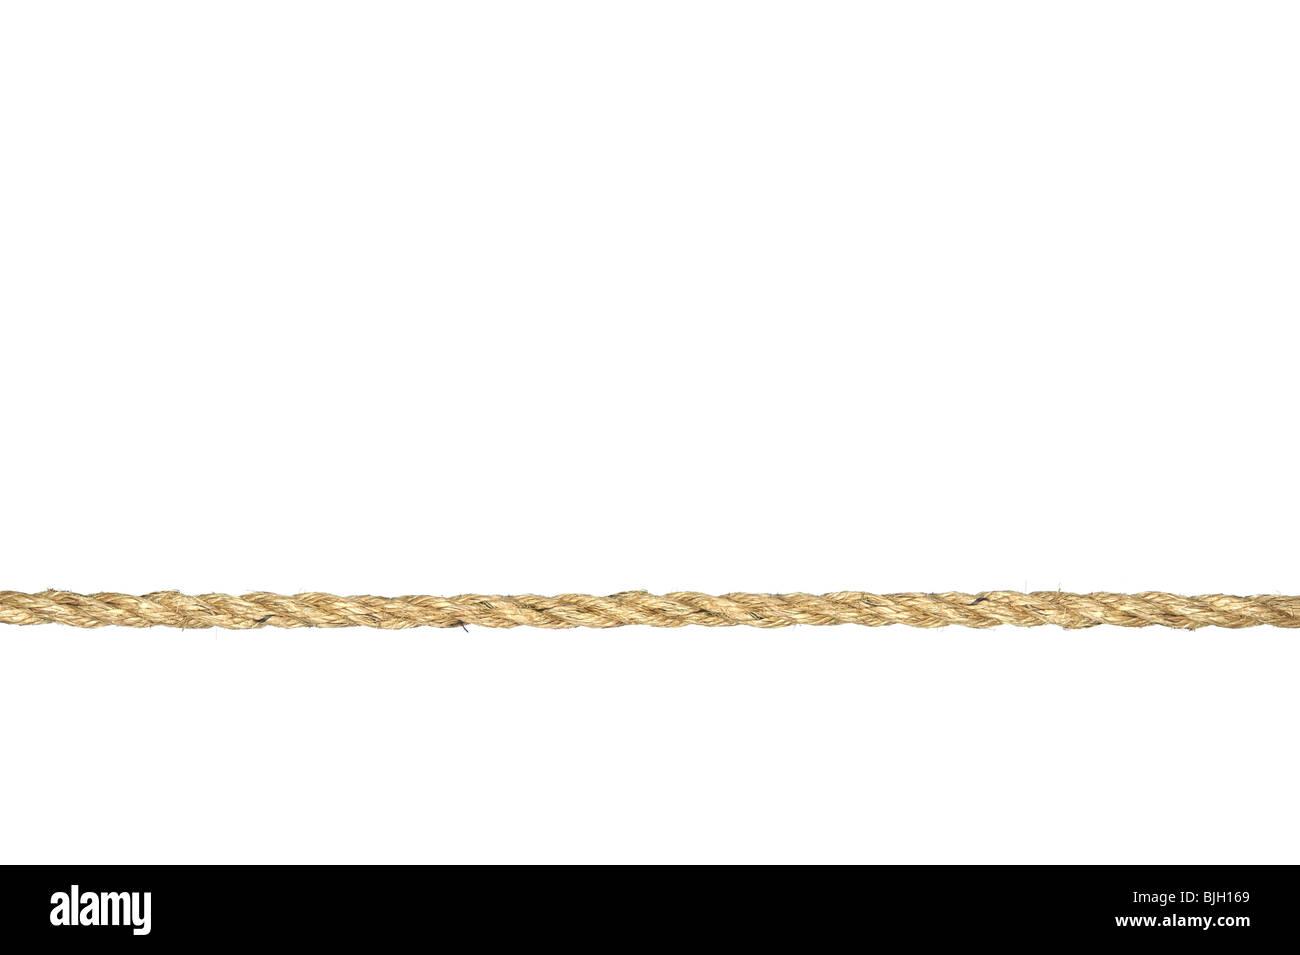 Une ligne droite de la corde de manille torsadée isolé sur un fond blanc. Photo Stock